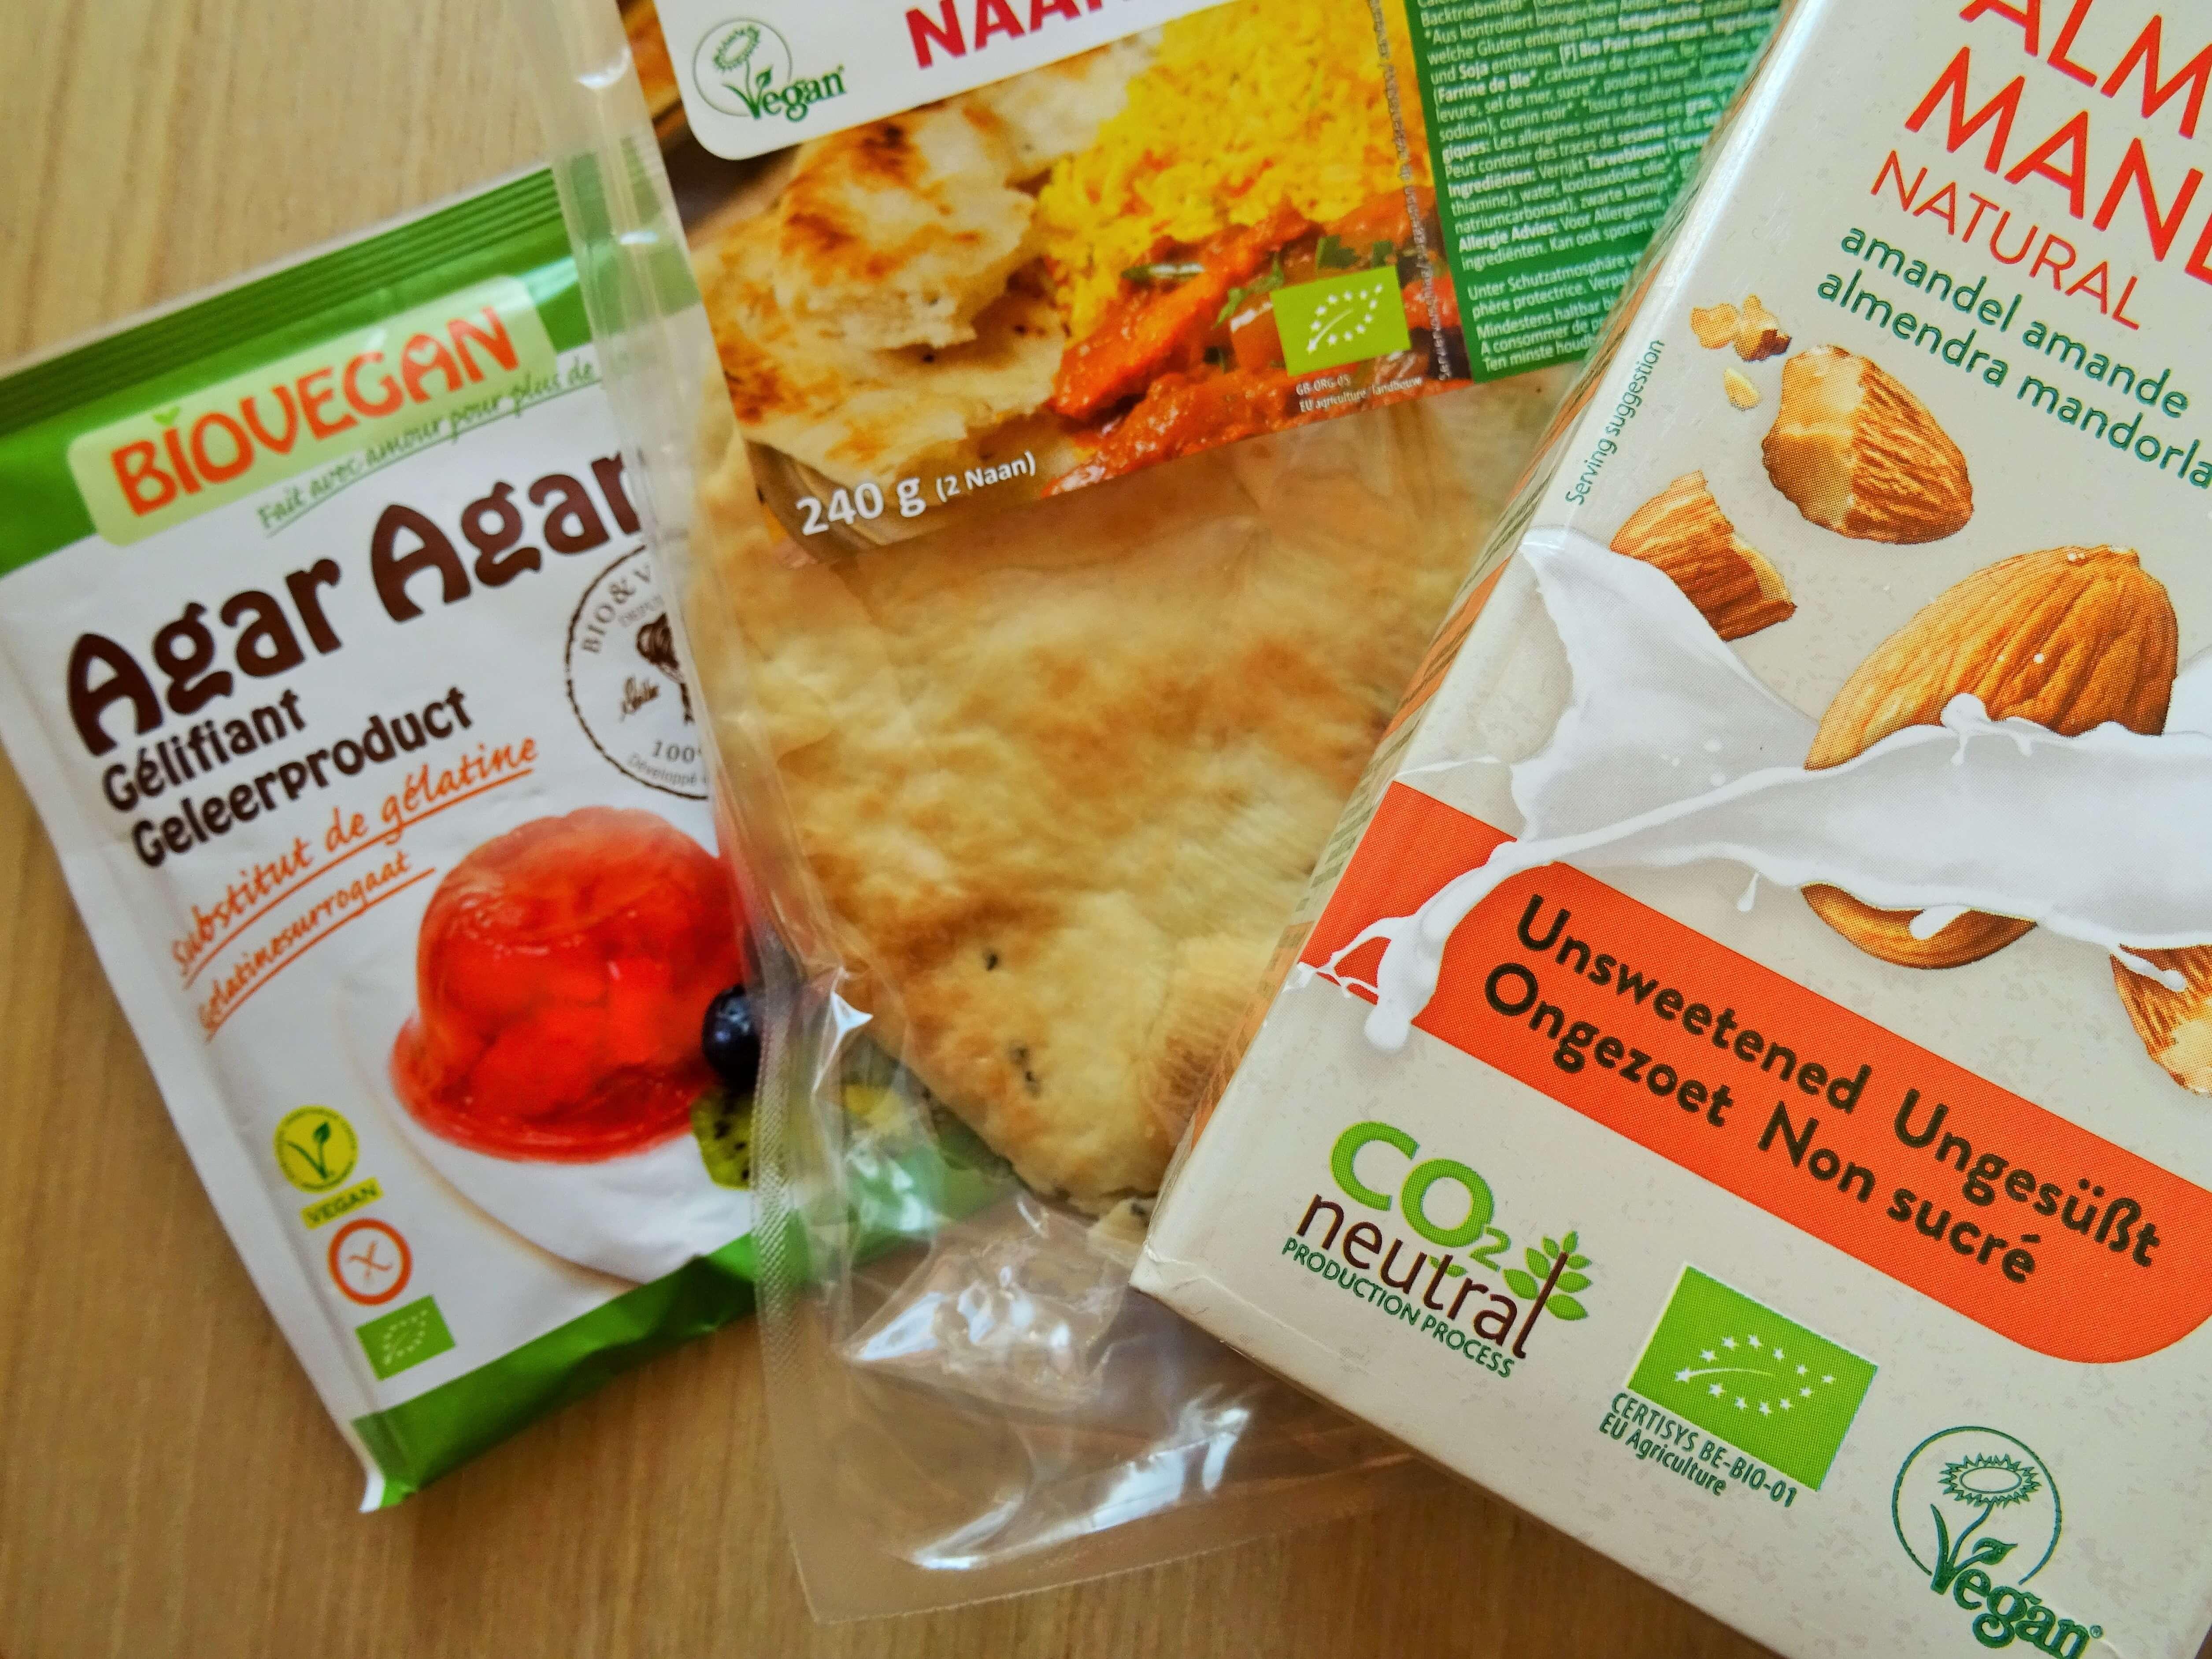 Herkenning van vegetarische en veganistische producten